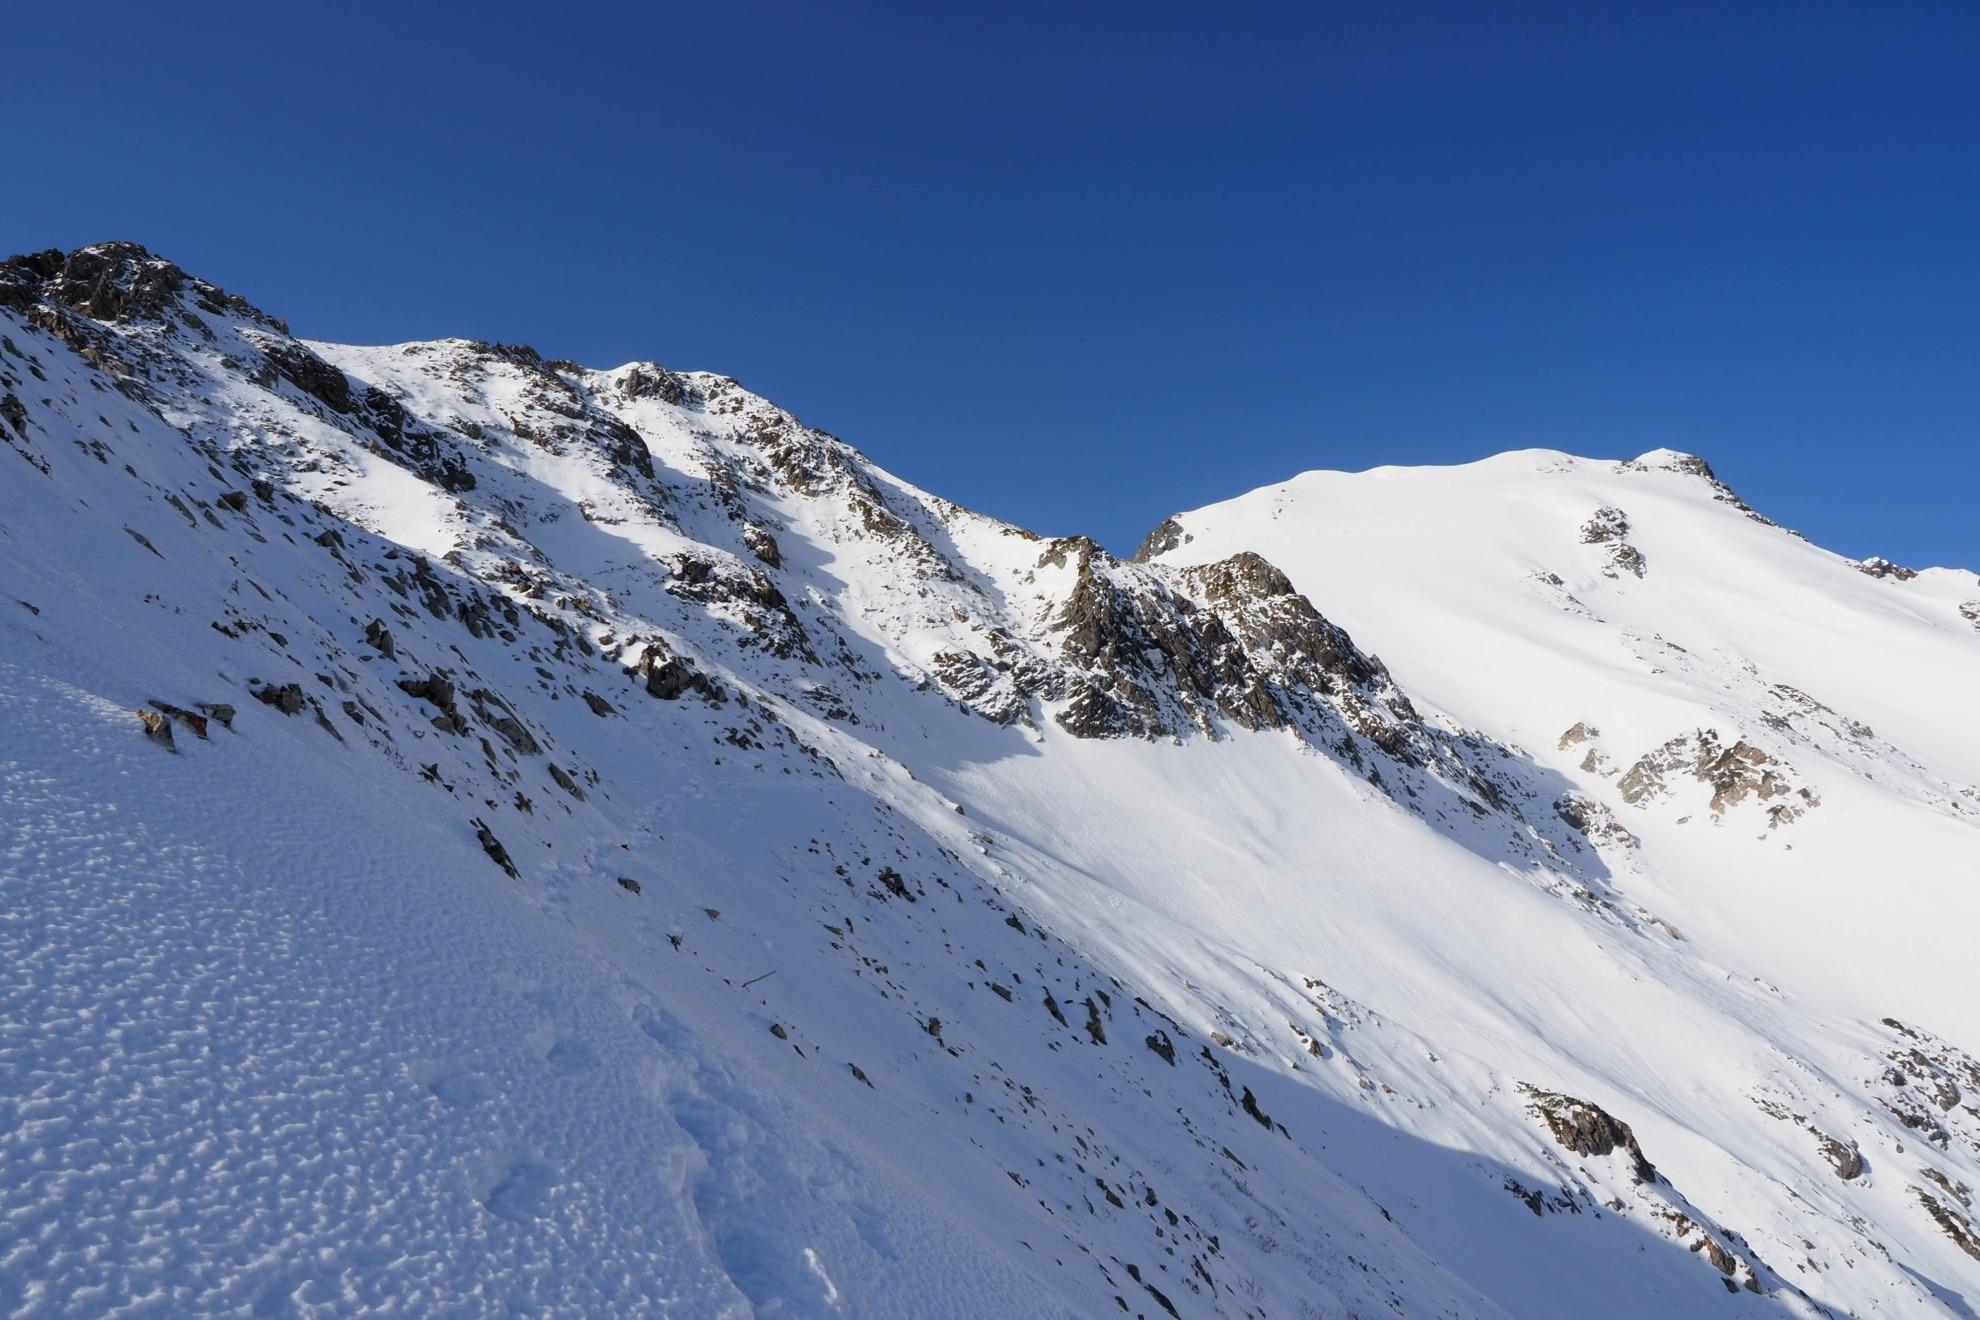 雪の五竜岳登山コース